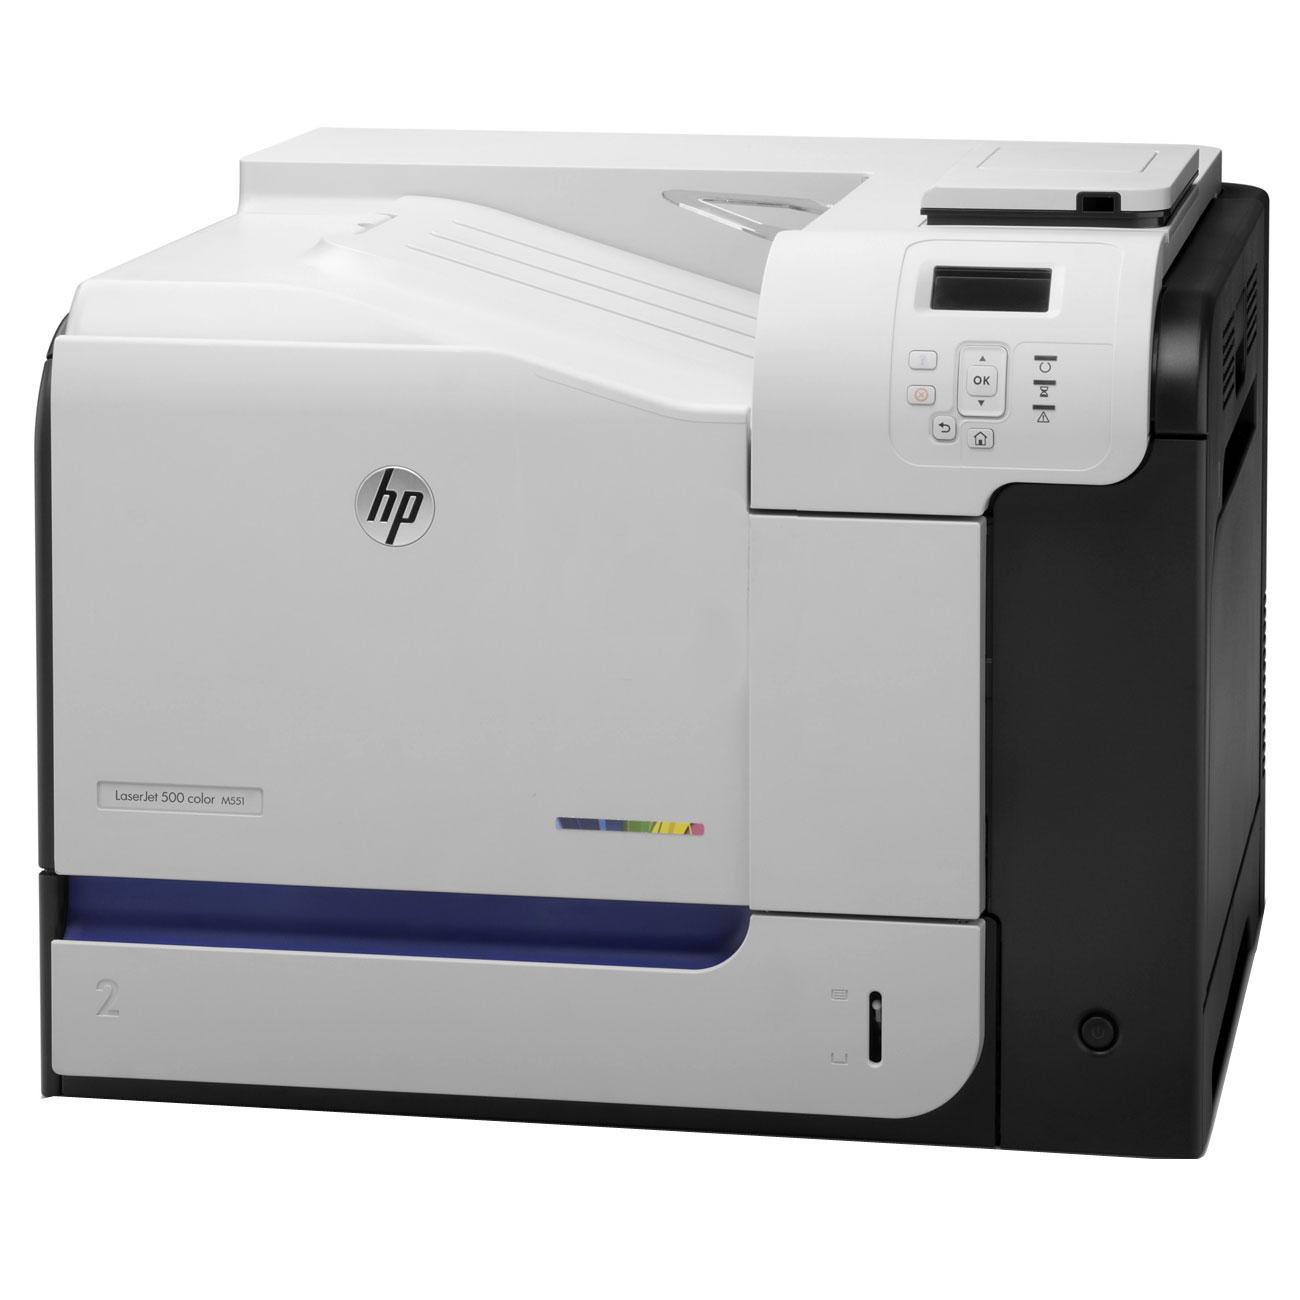 hp laserjet enterprise 500 m551dn cf082a imprimante. Black Bedroom Furniture Sets. Home Design Ideas